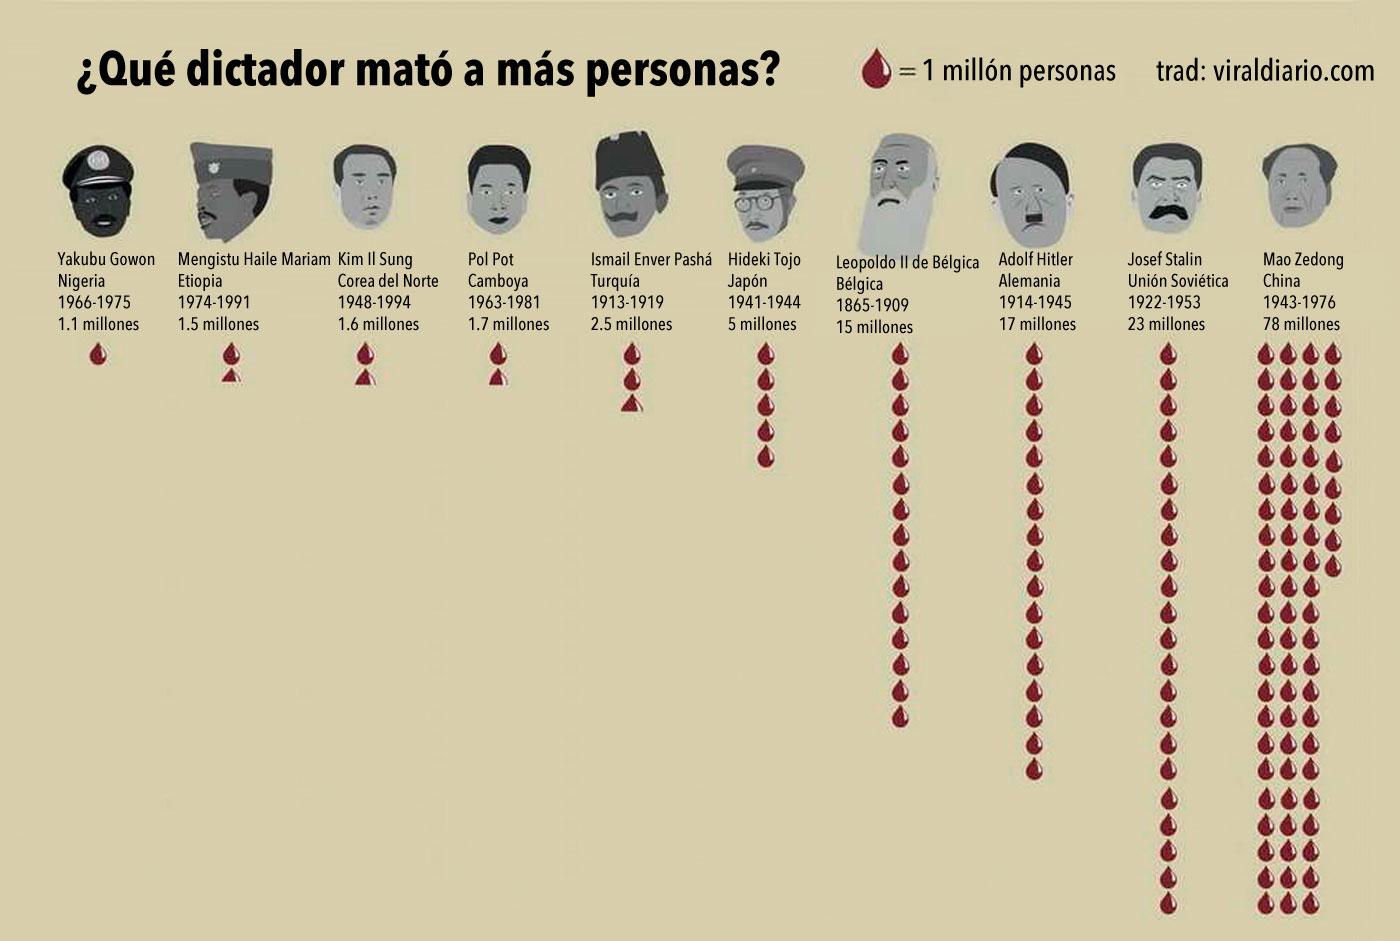 ¿Sabrías decir cuál fue el dictador que mató a más personas?